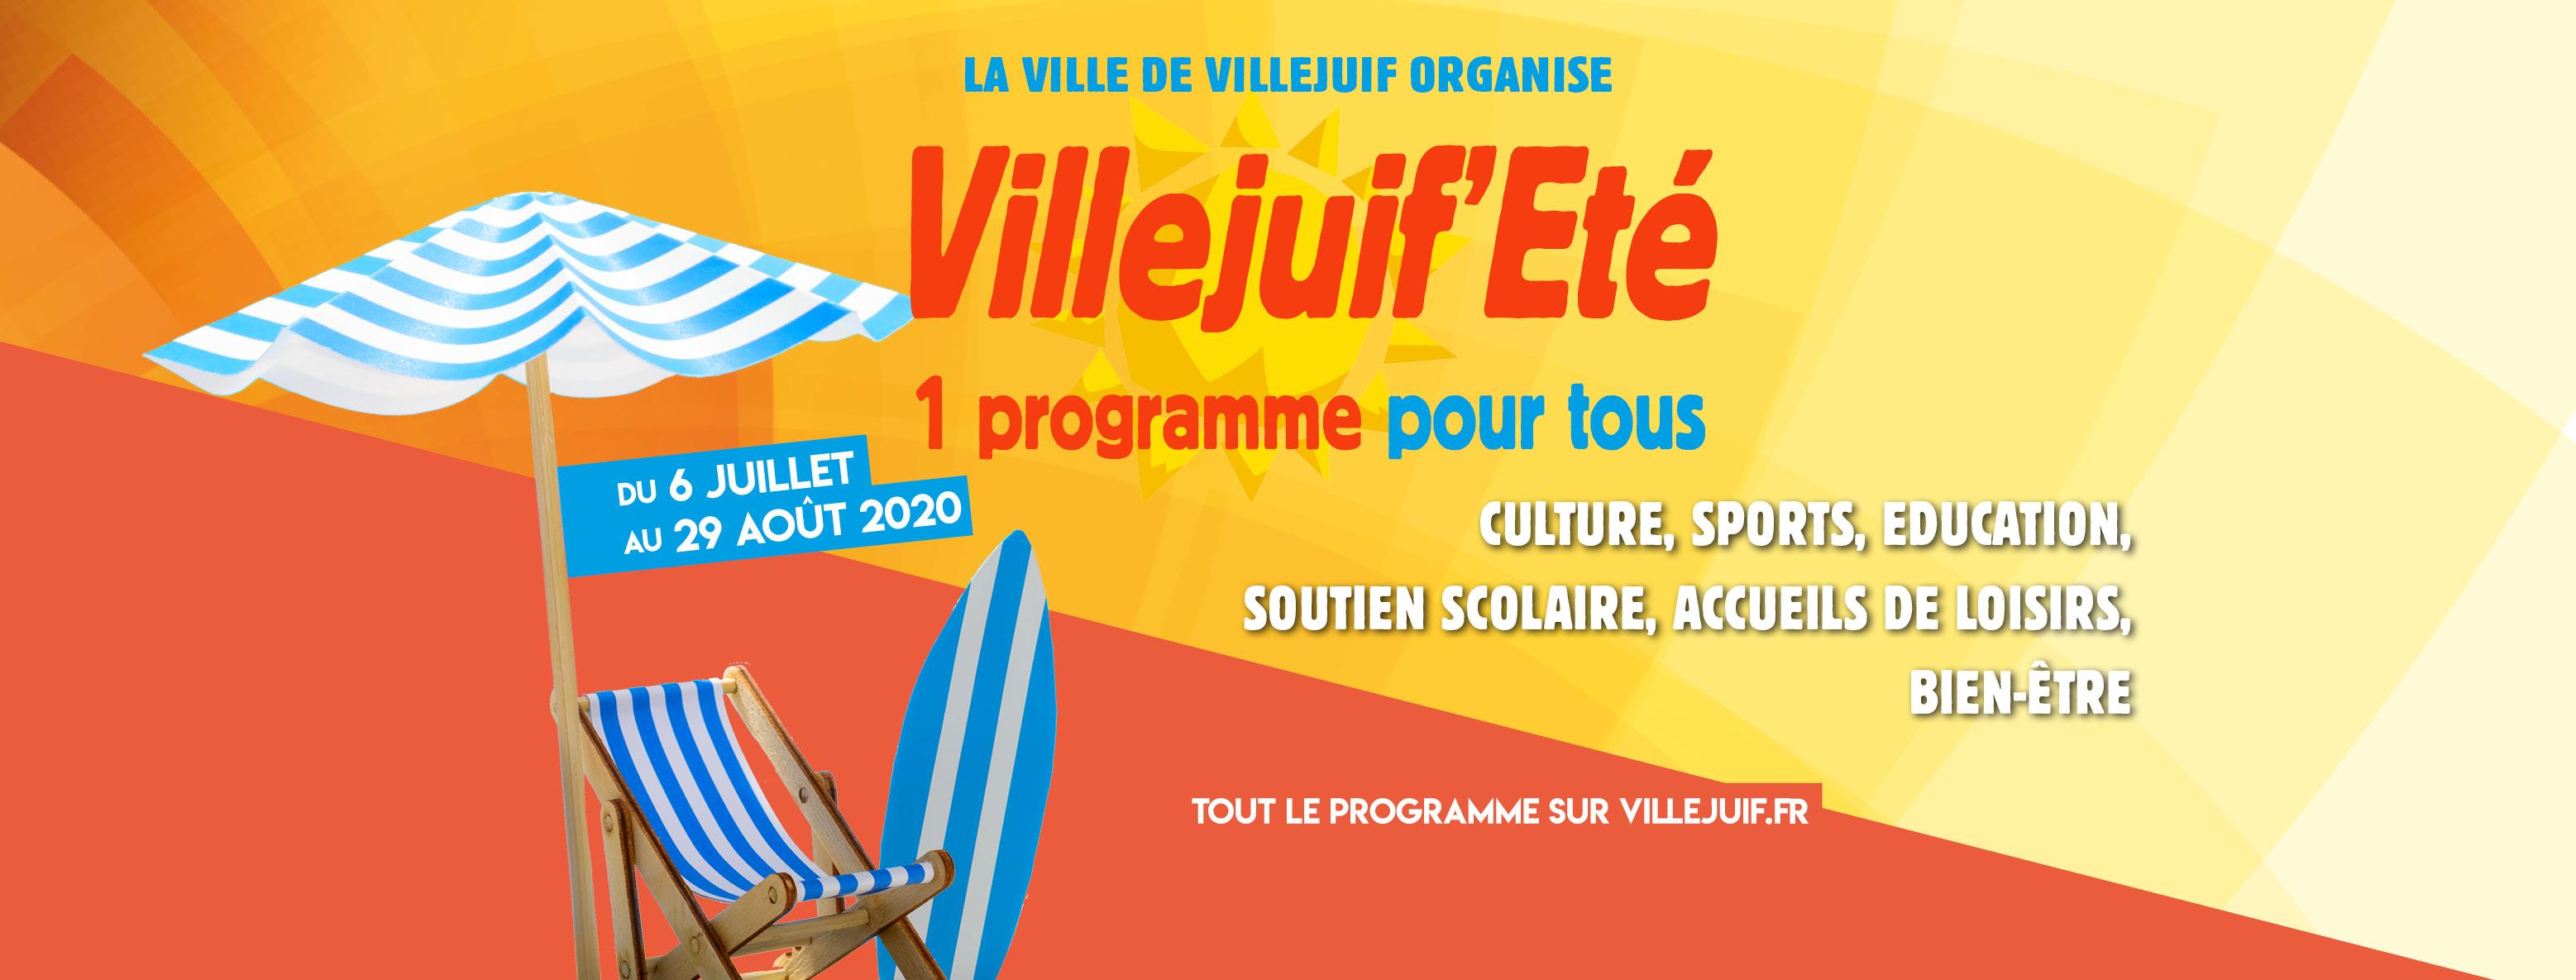 villejuif-ete-2020